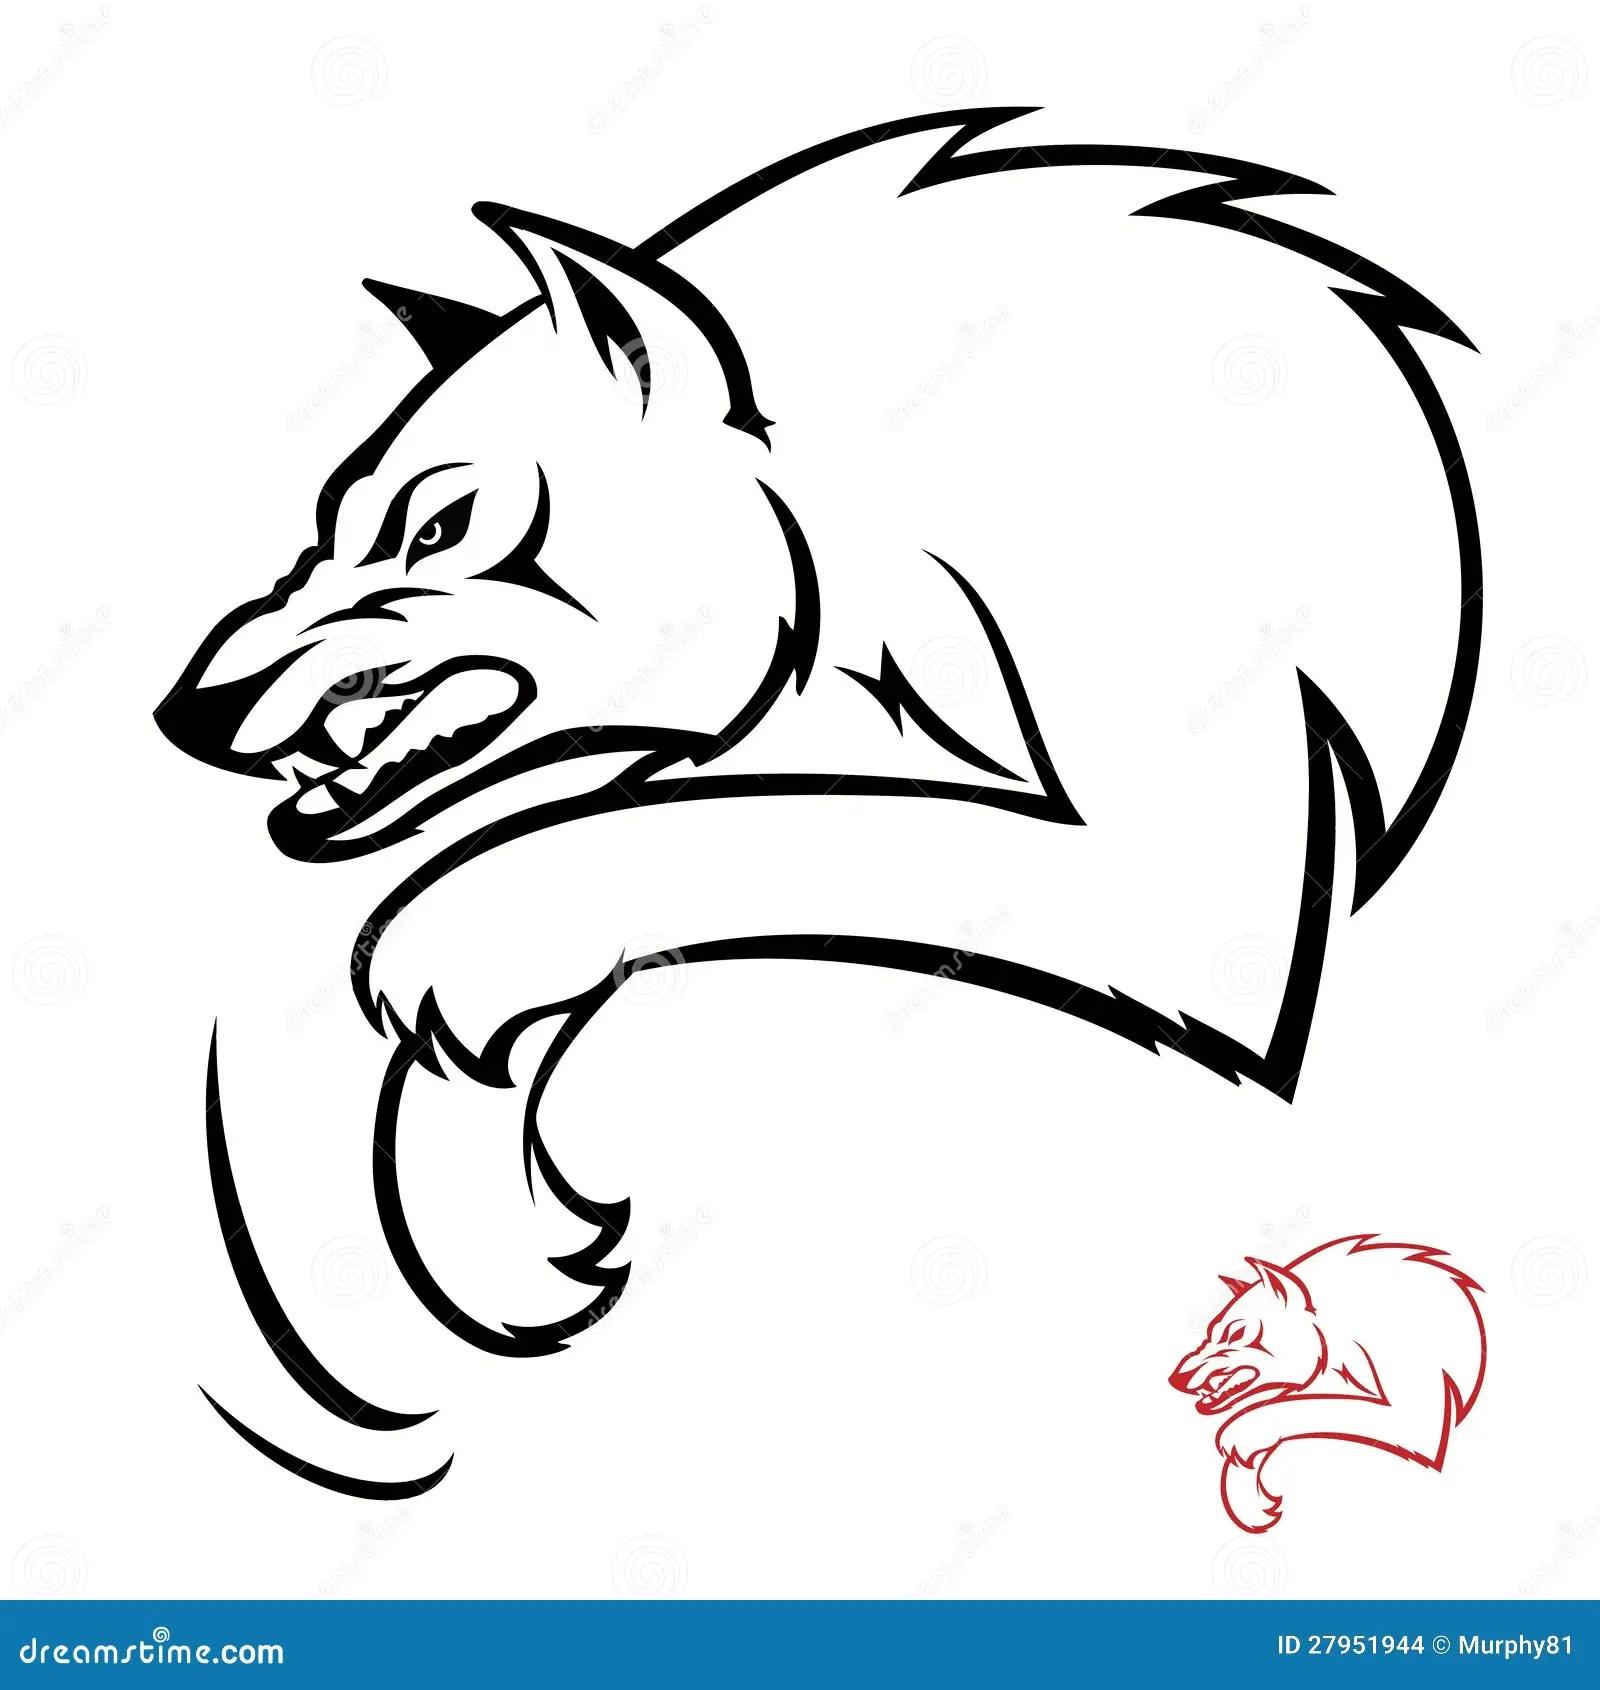 De aanval van de wolf vector illustratie. Afbeelding